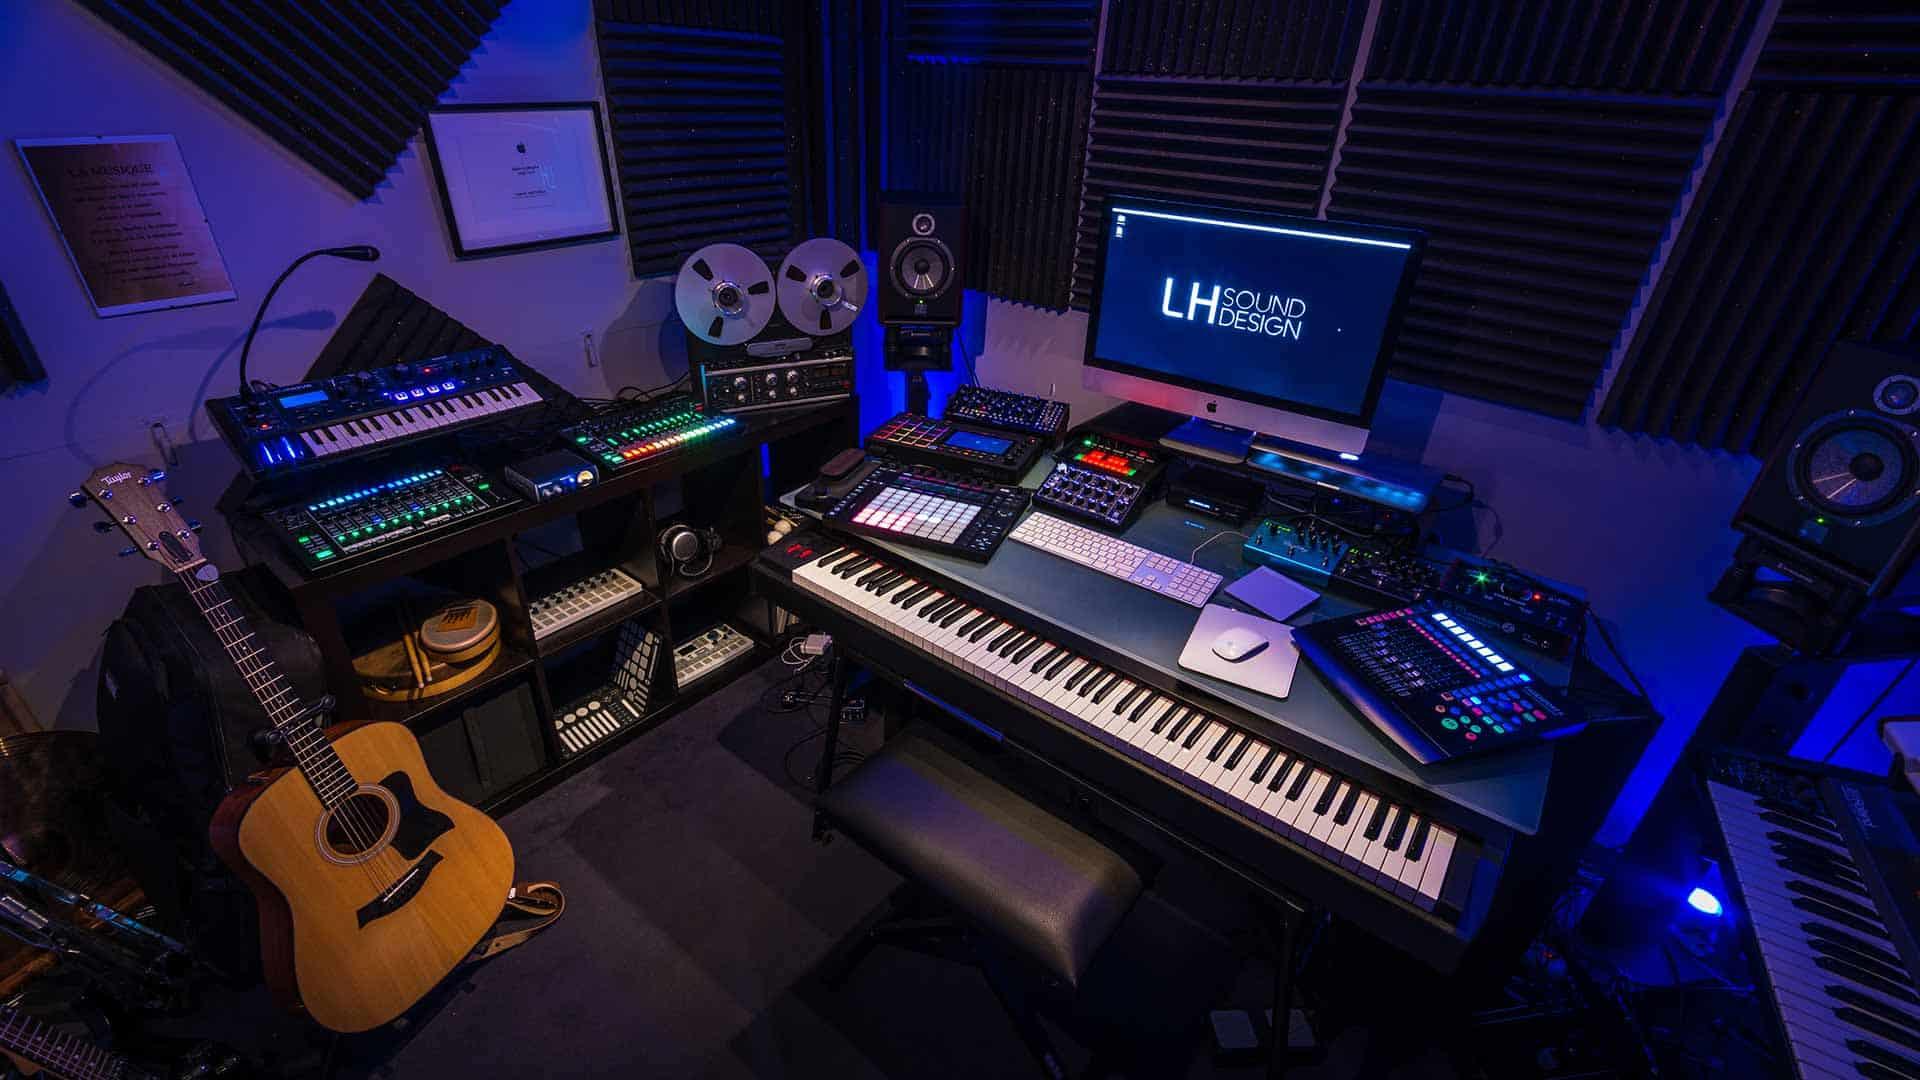 Studio de composition musicale, dj lyon, LHSD, LH sound design, Ludovic Hautevelle